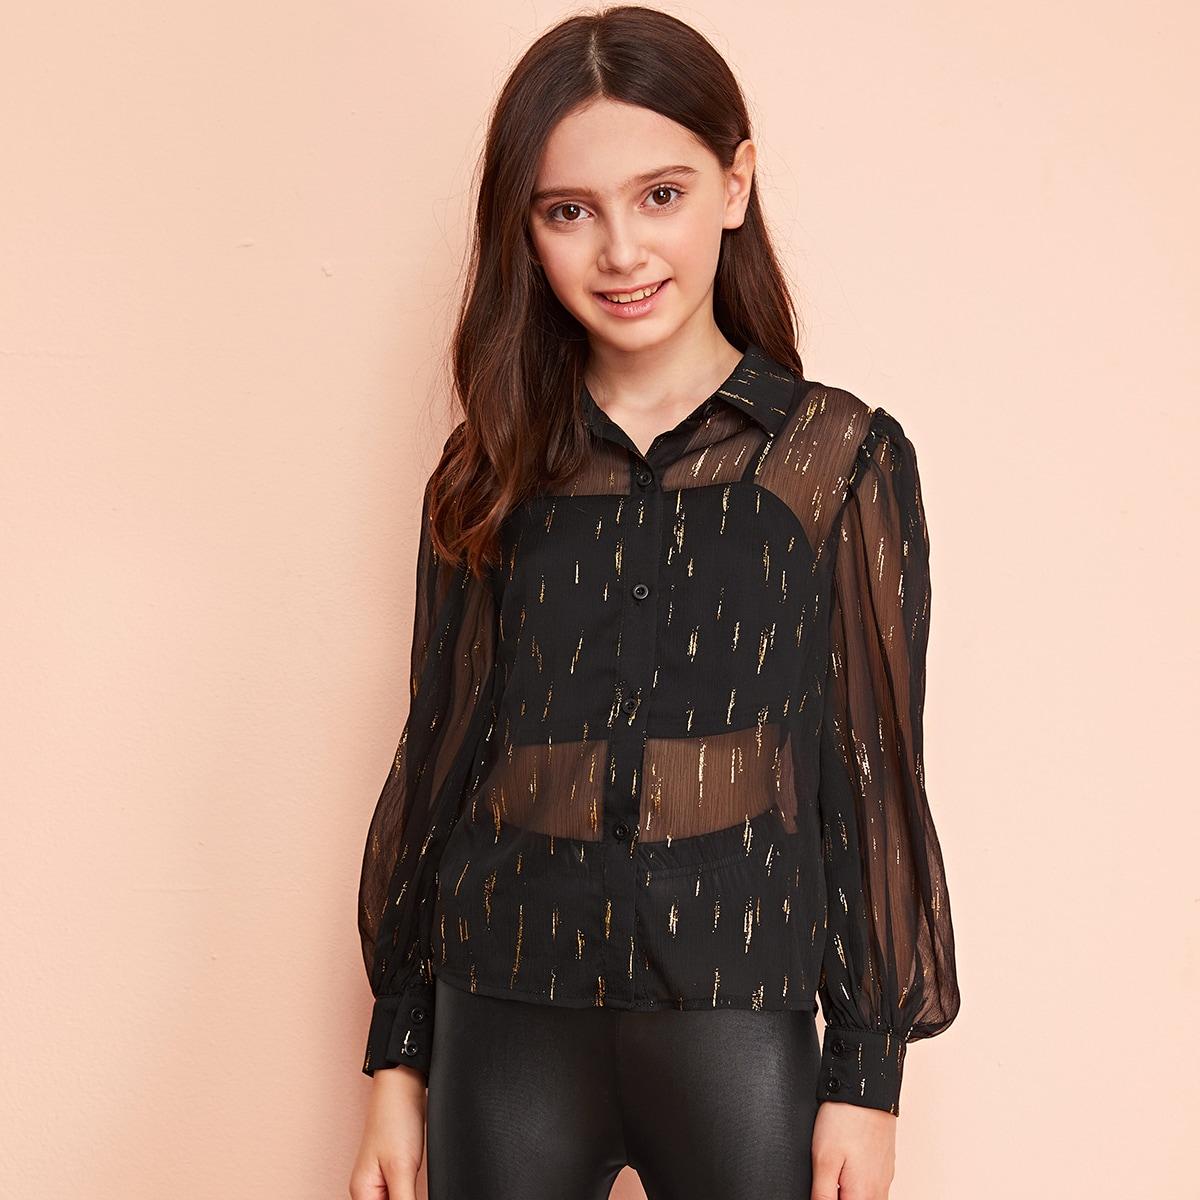 Прозрачная блуза с принтом и рукавом фонарик без майки для девочек от SHEIN